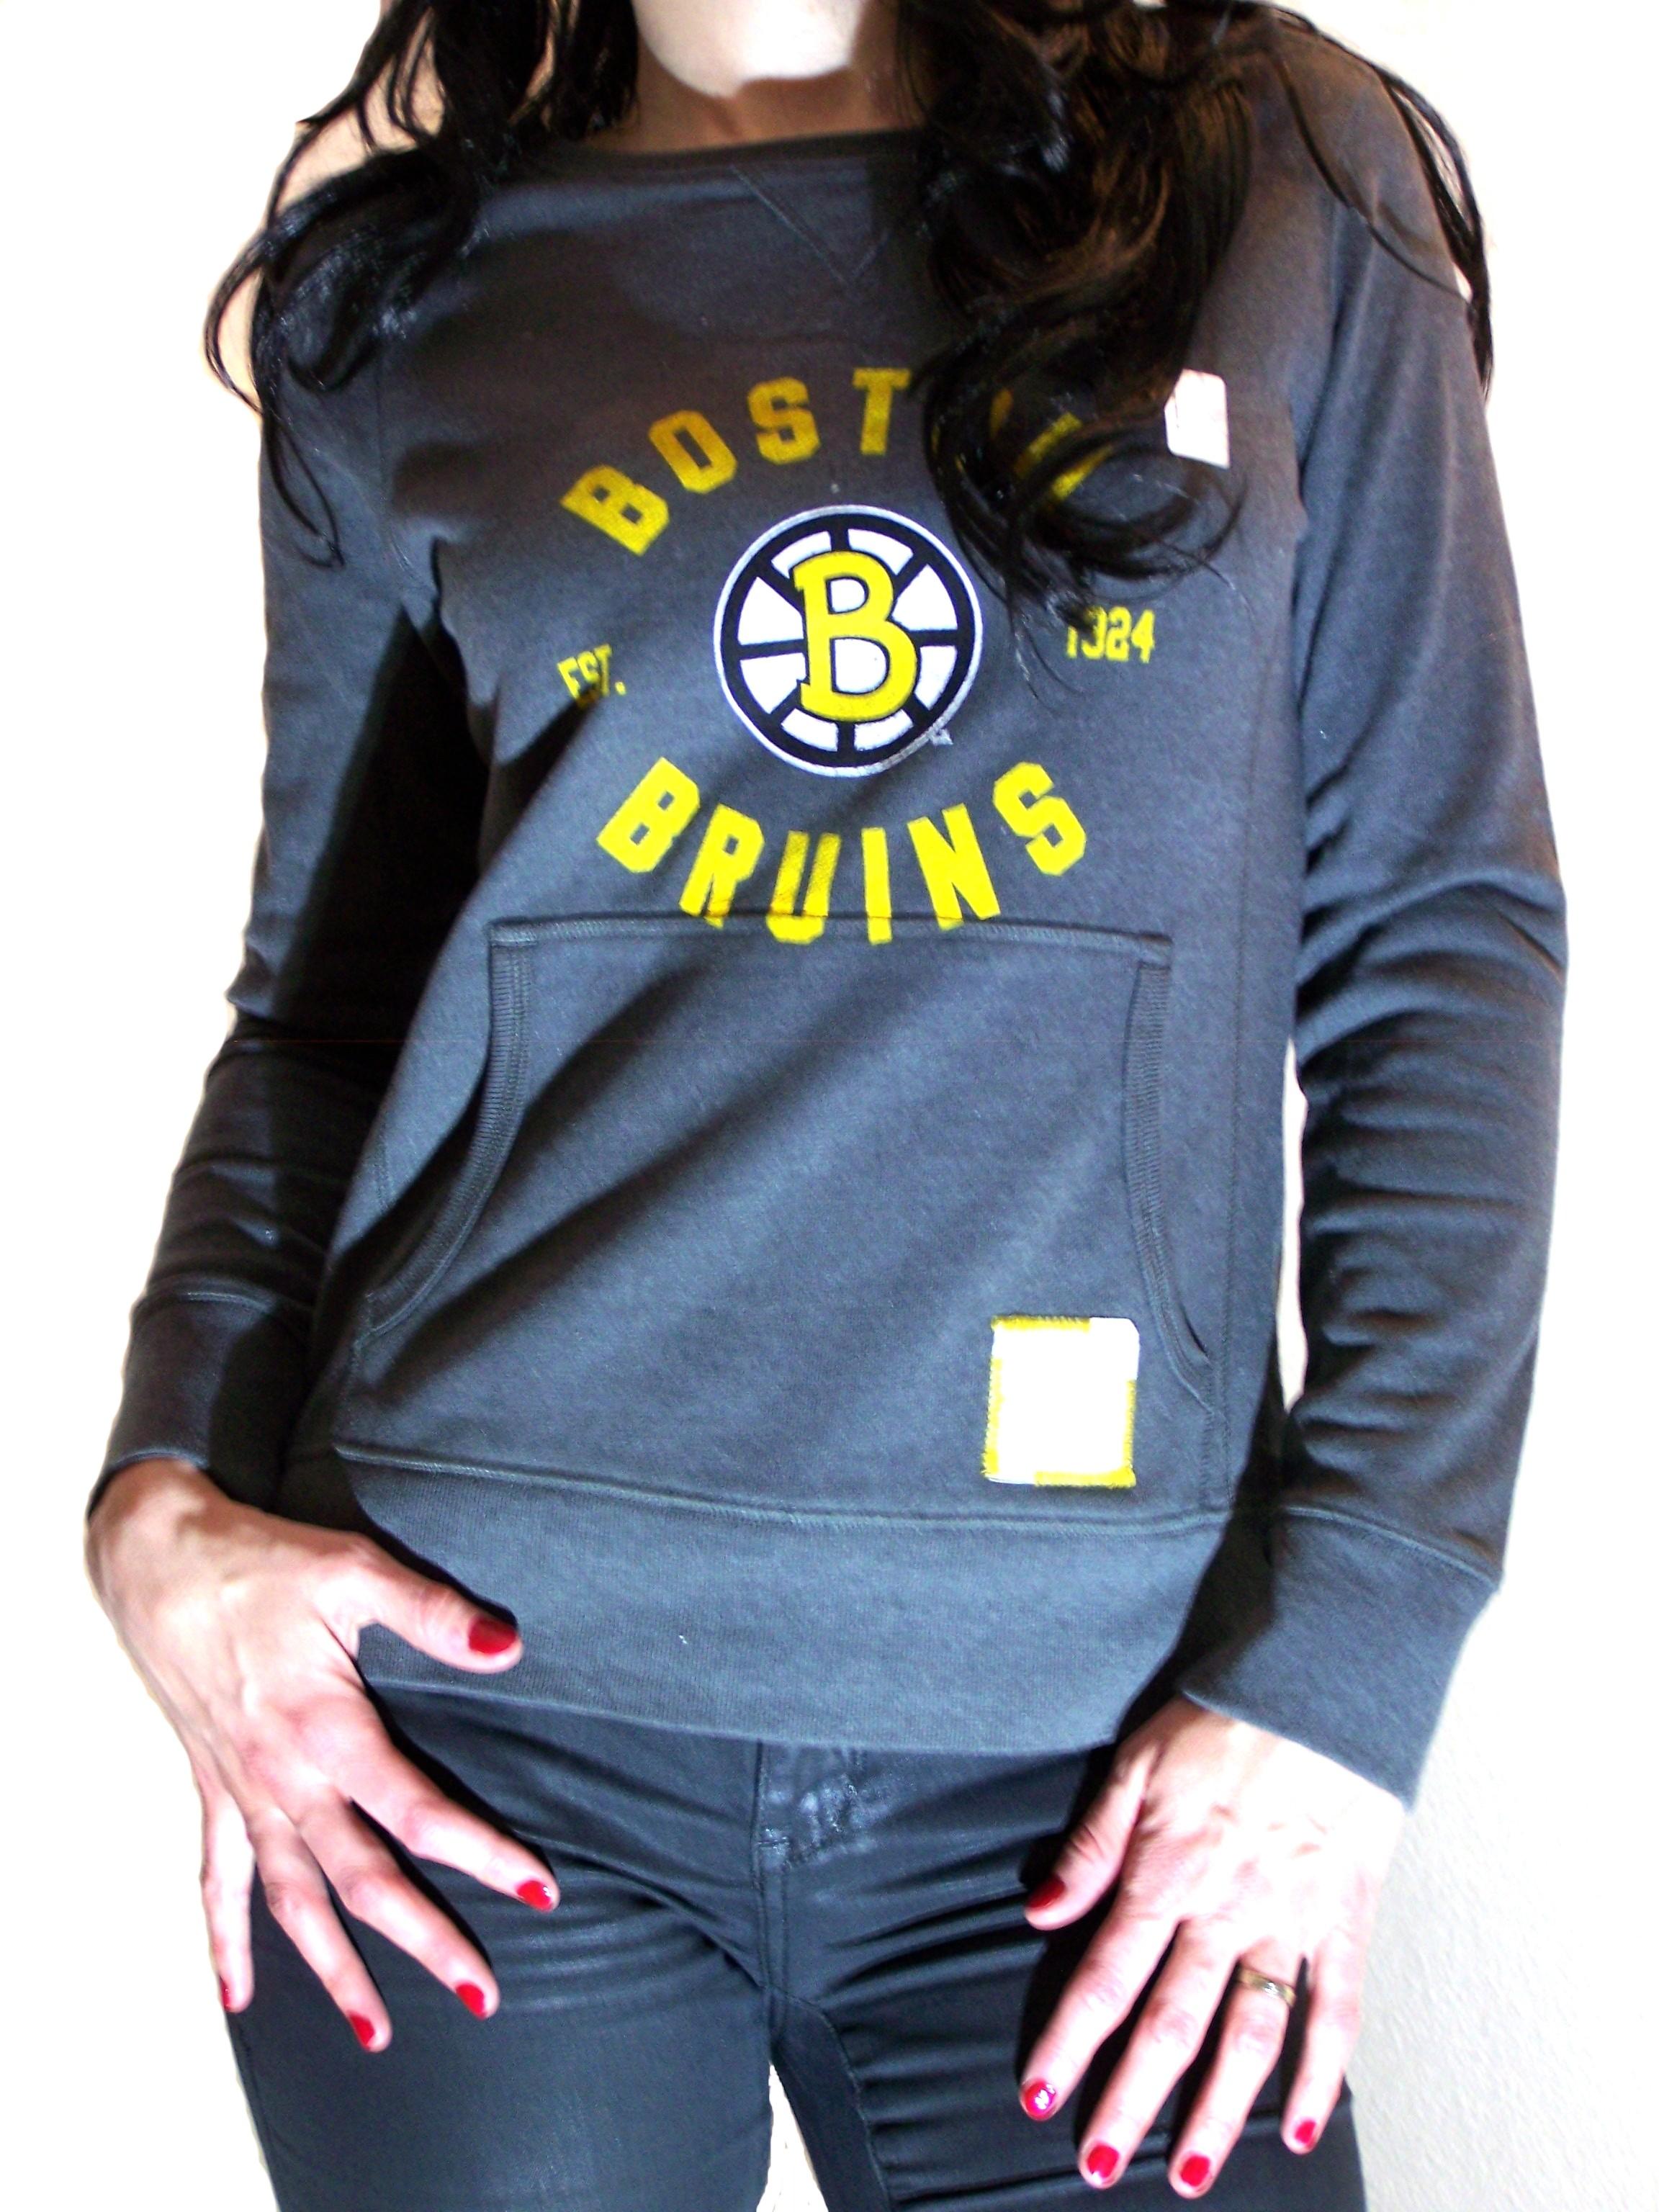 Crew Nhl Des De Neck Bruins Boutique Boston Femme 43SjL5RqcA